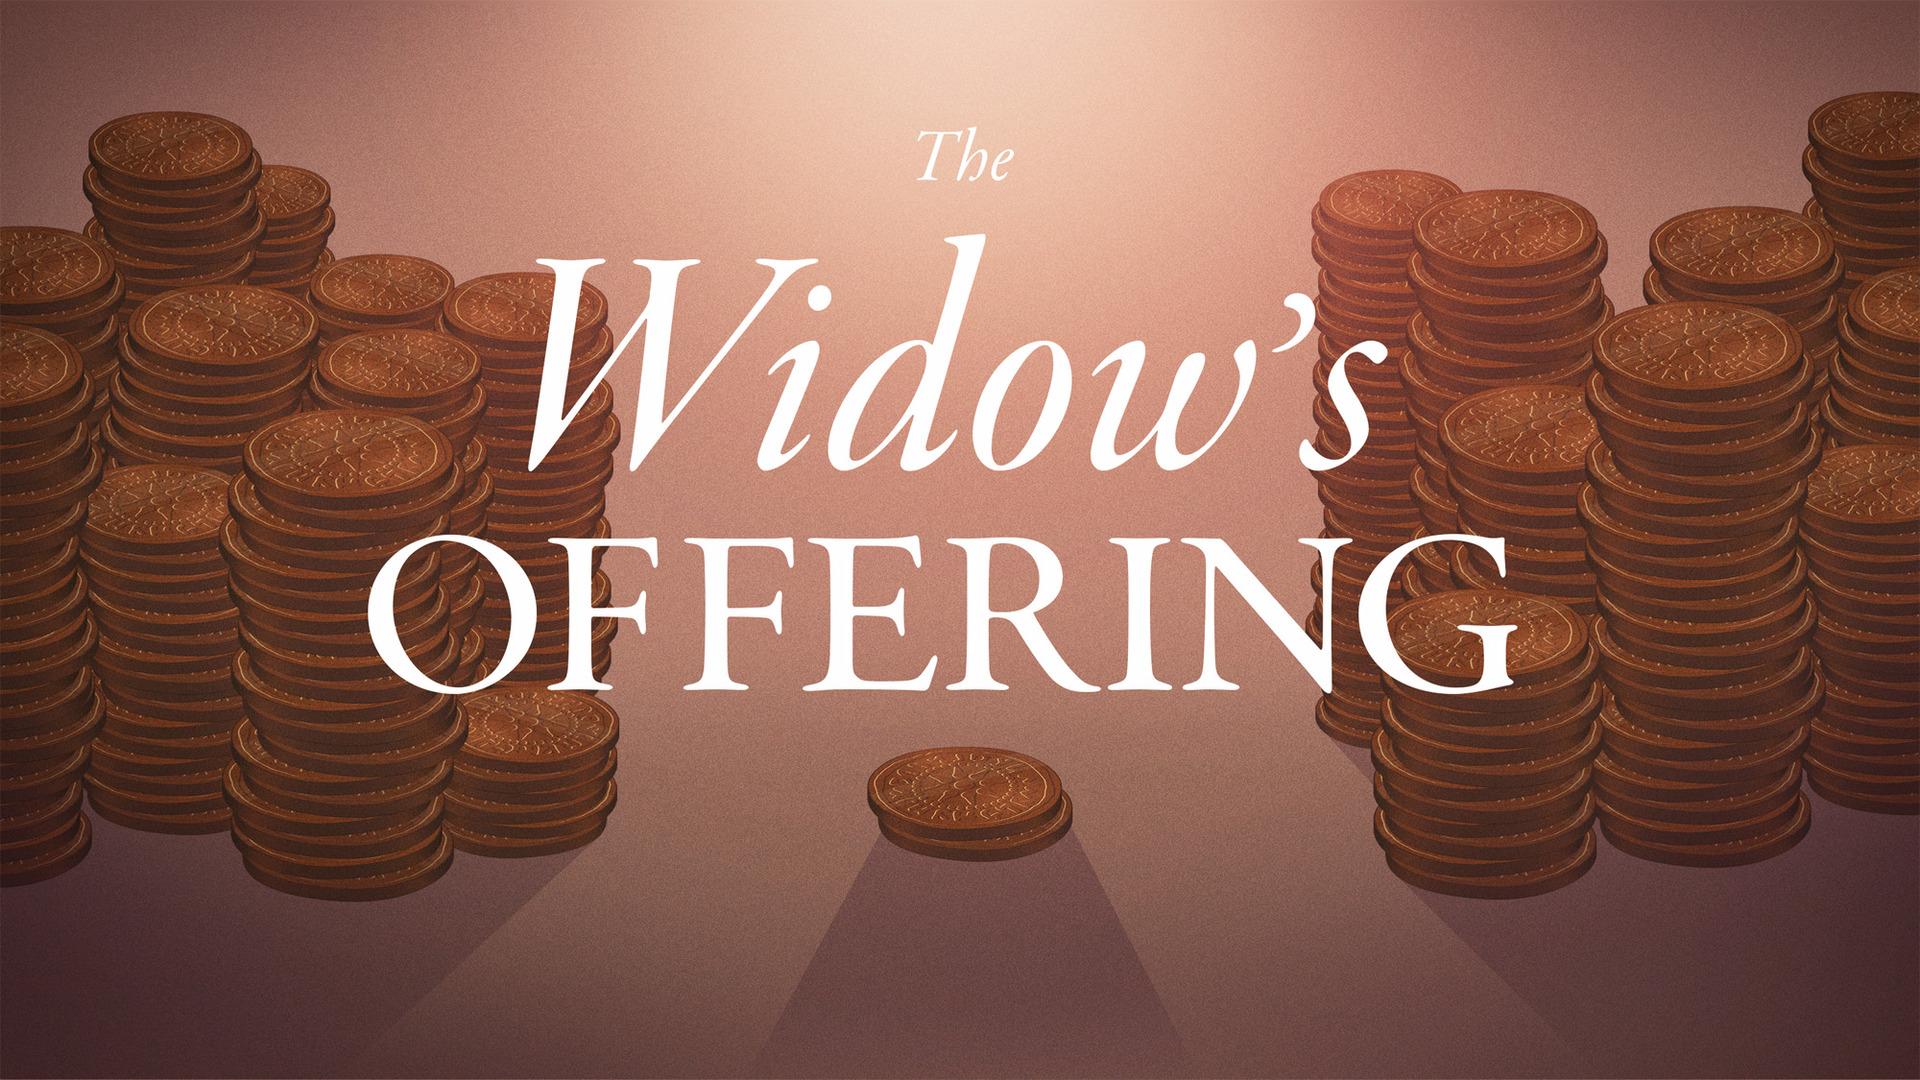 the_widow_s_offering-title-2-Wide 16x9.jpg